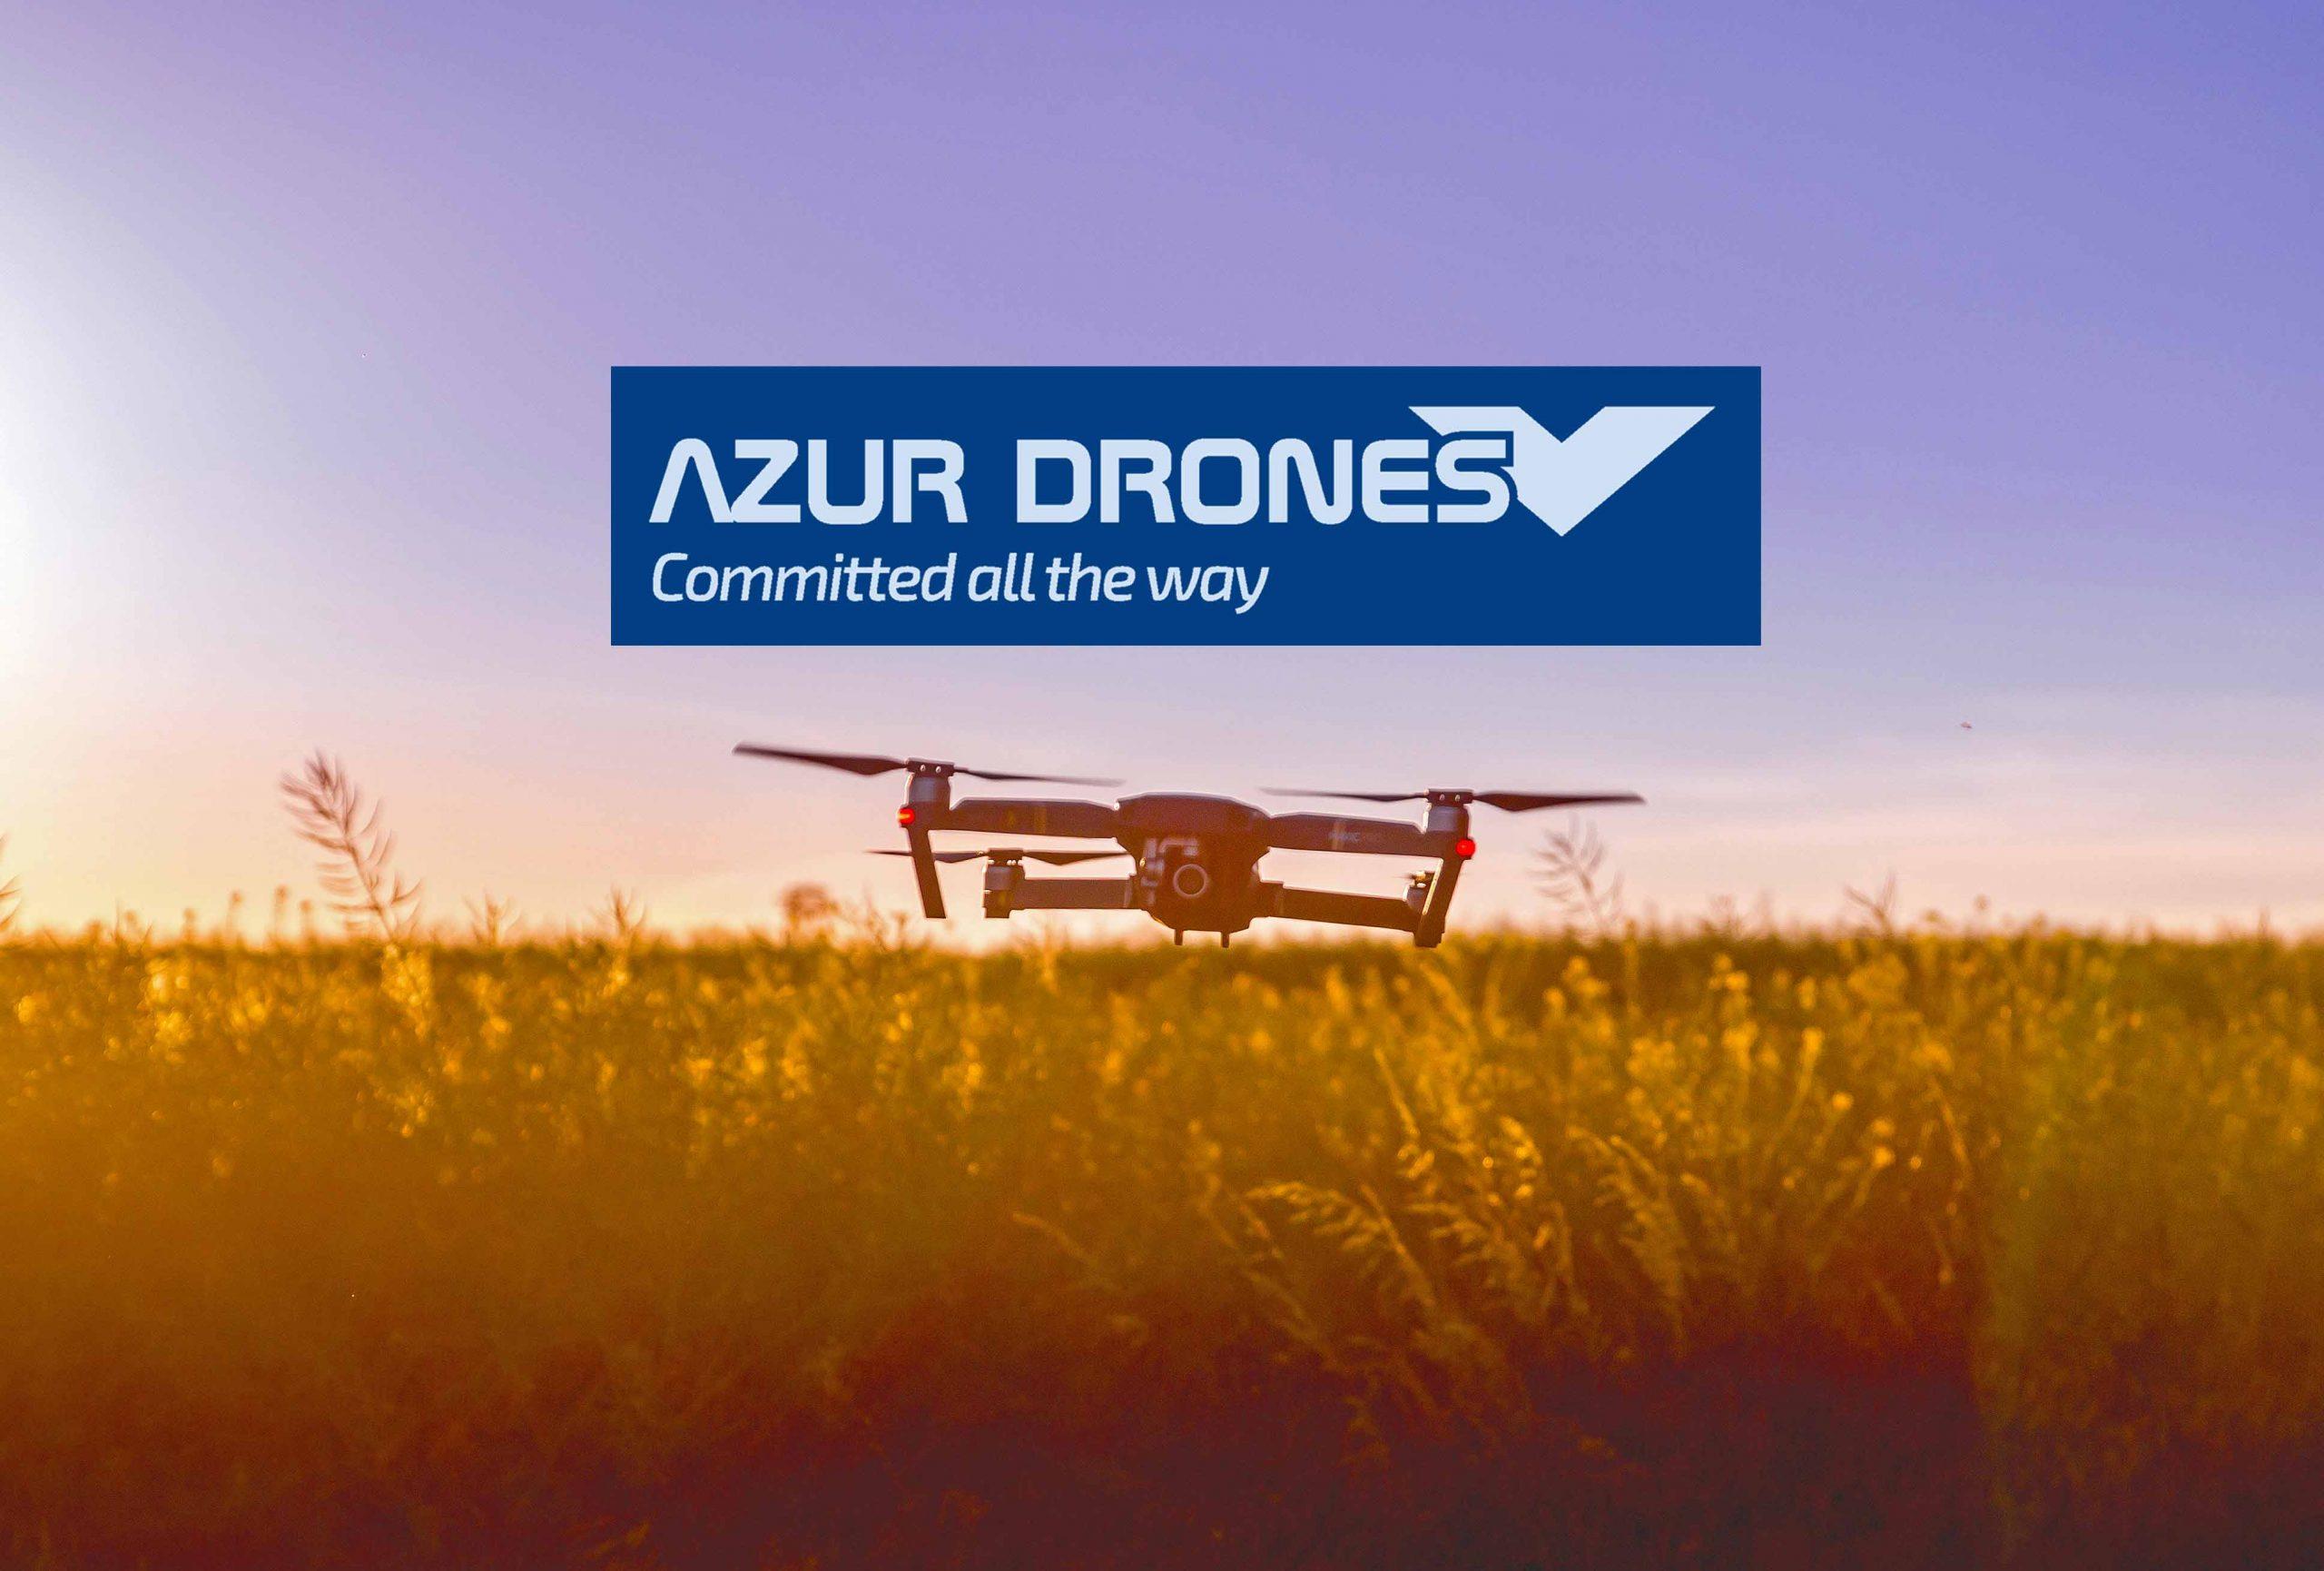 Grégoire Thomas' Azur Drones raises additional €3 million